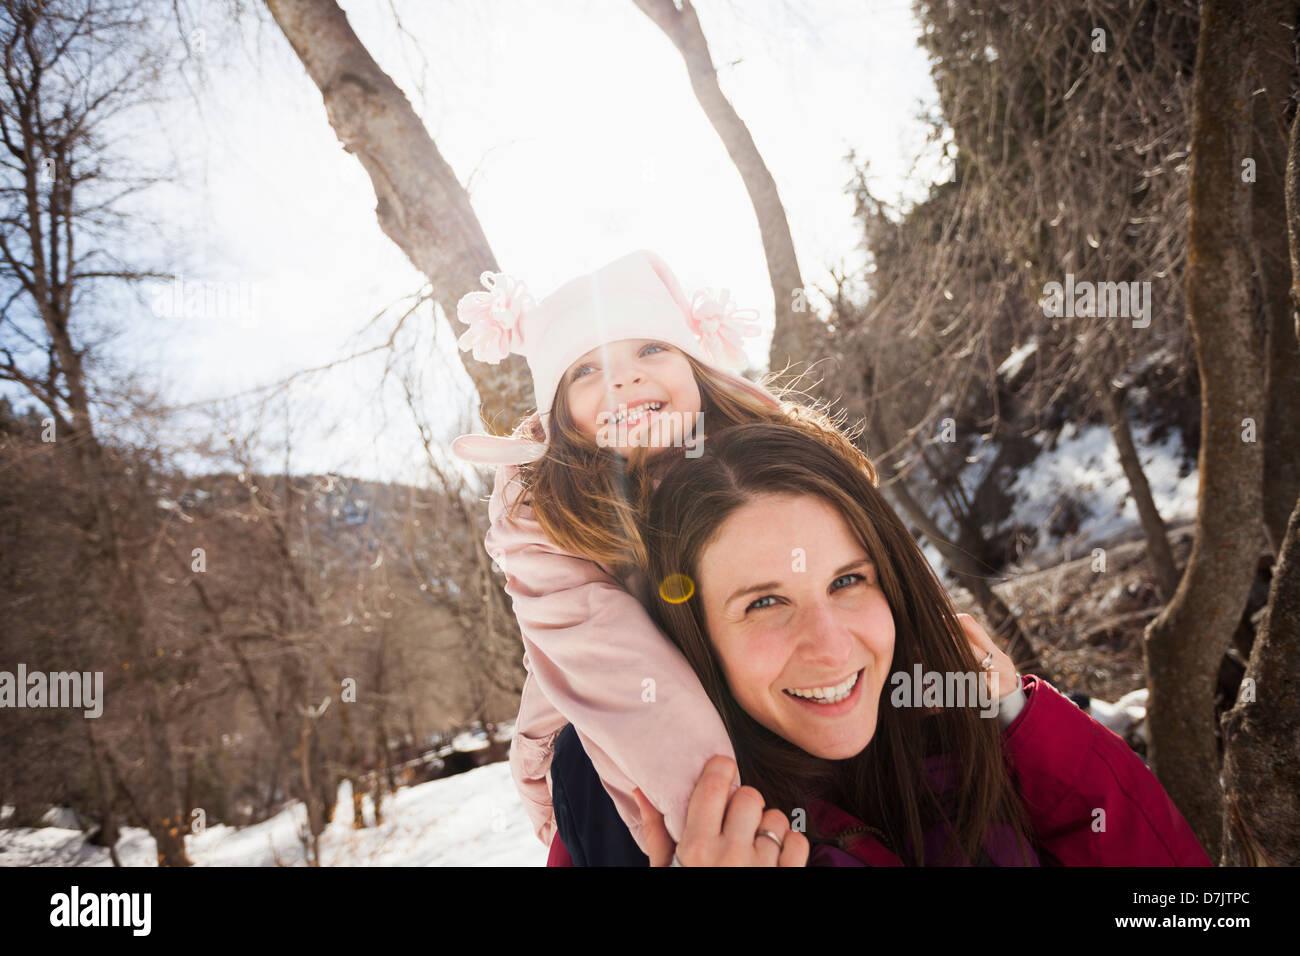 Stati Uniti d'America, Utah, Highland, giovane donna che porta la sua figlia (2-3) sulle spalle Immagini Stock